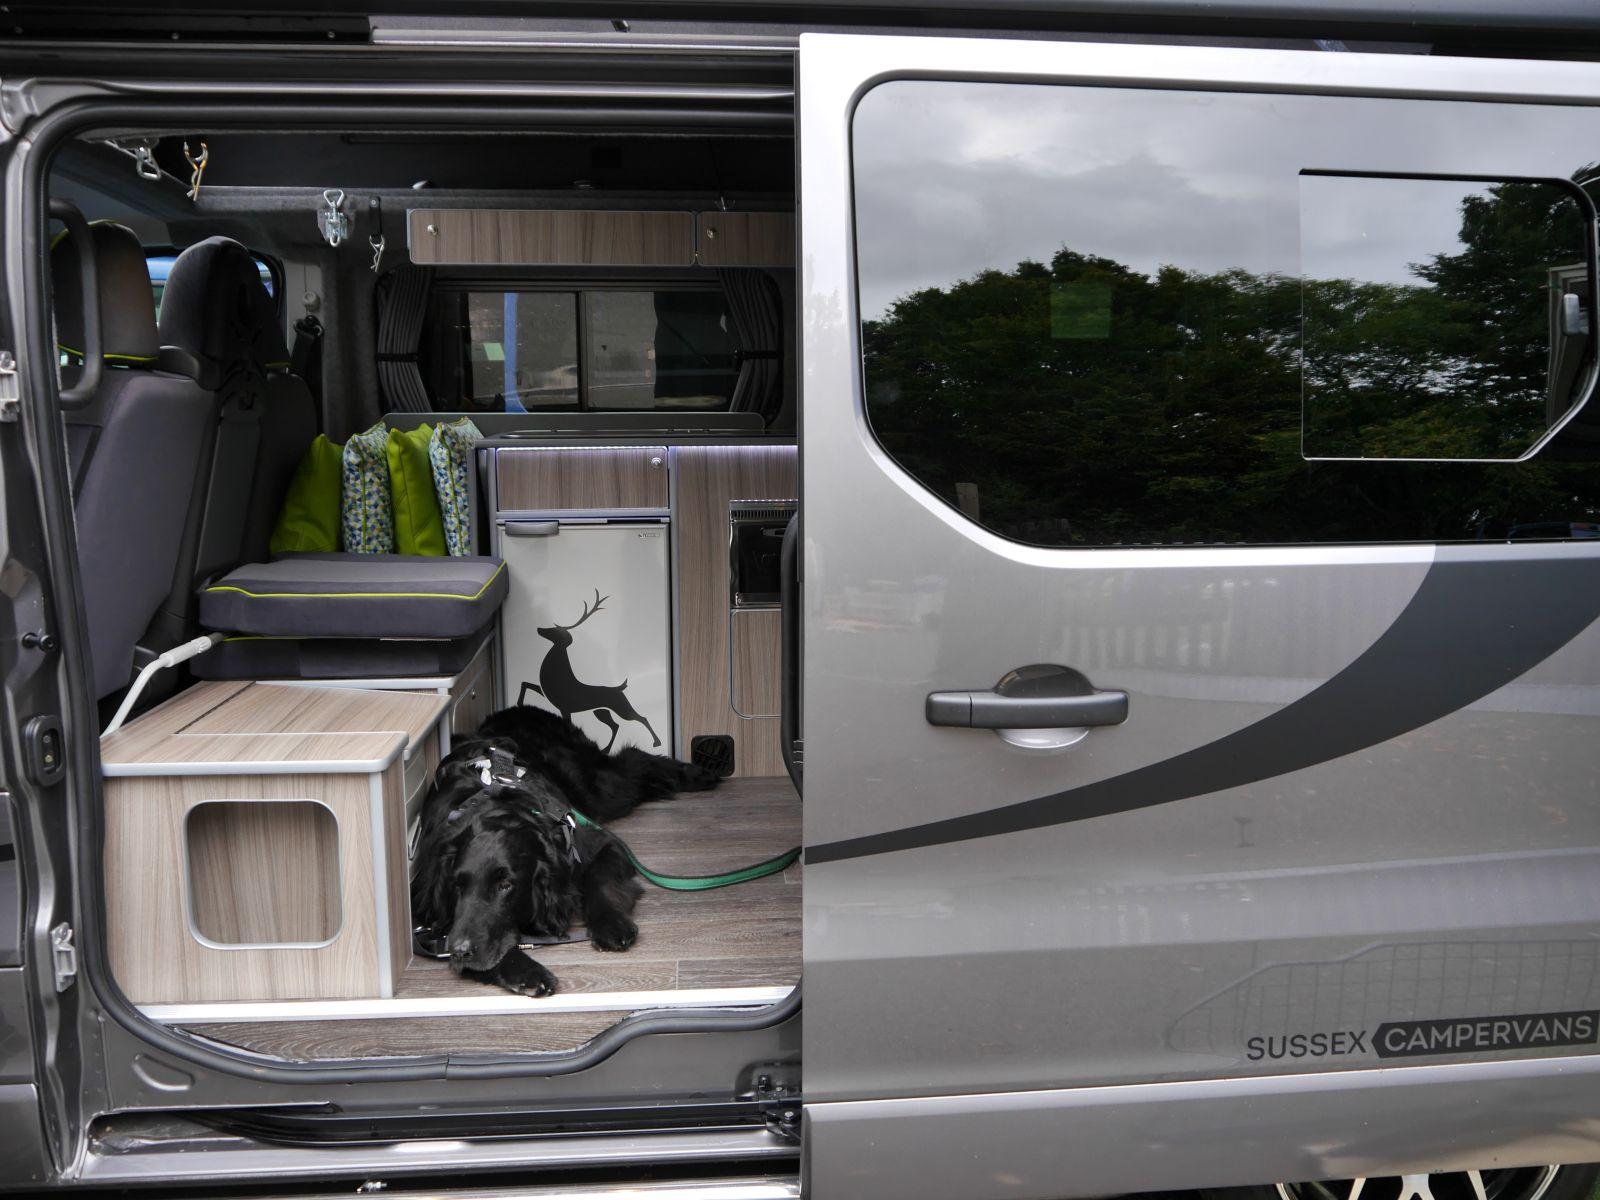 dog friendly campervan ottoman in Manhattan MPV Sussex Campervans.JPG